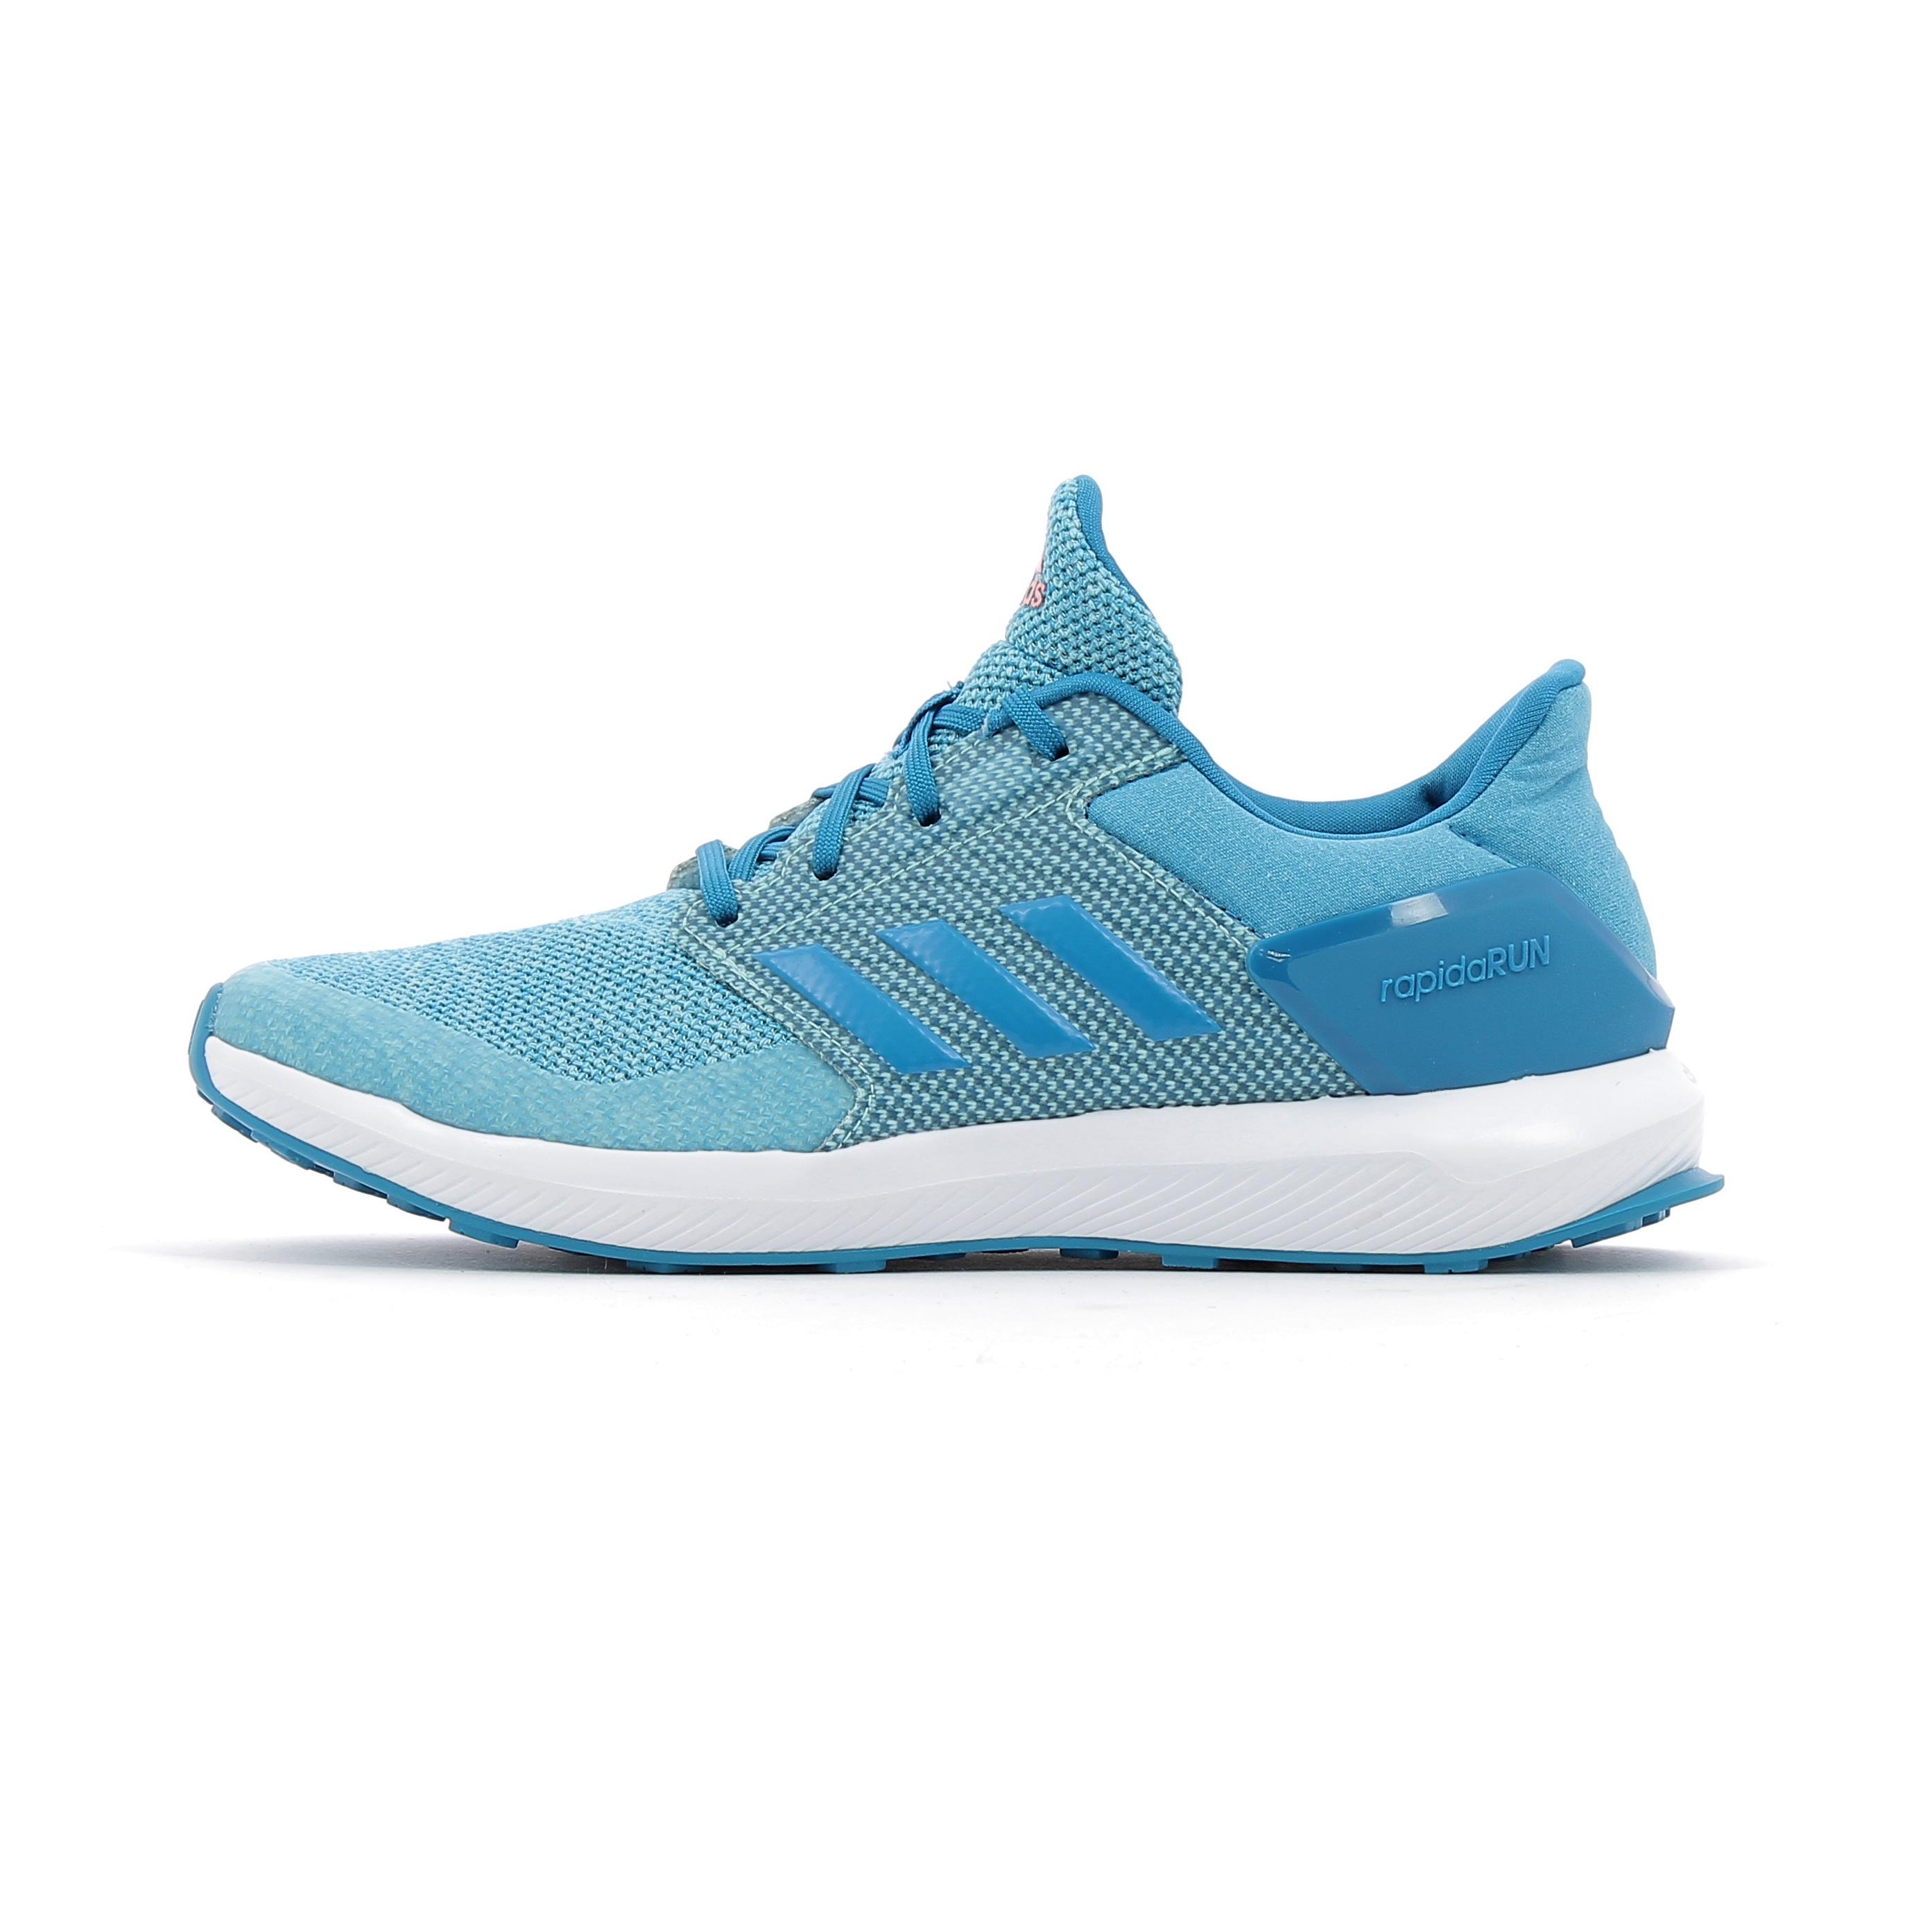 Chaussures de running enfant Adidas Performance RapidaRun Kids Bleu ... a8bb644dd20